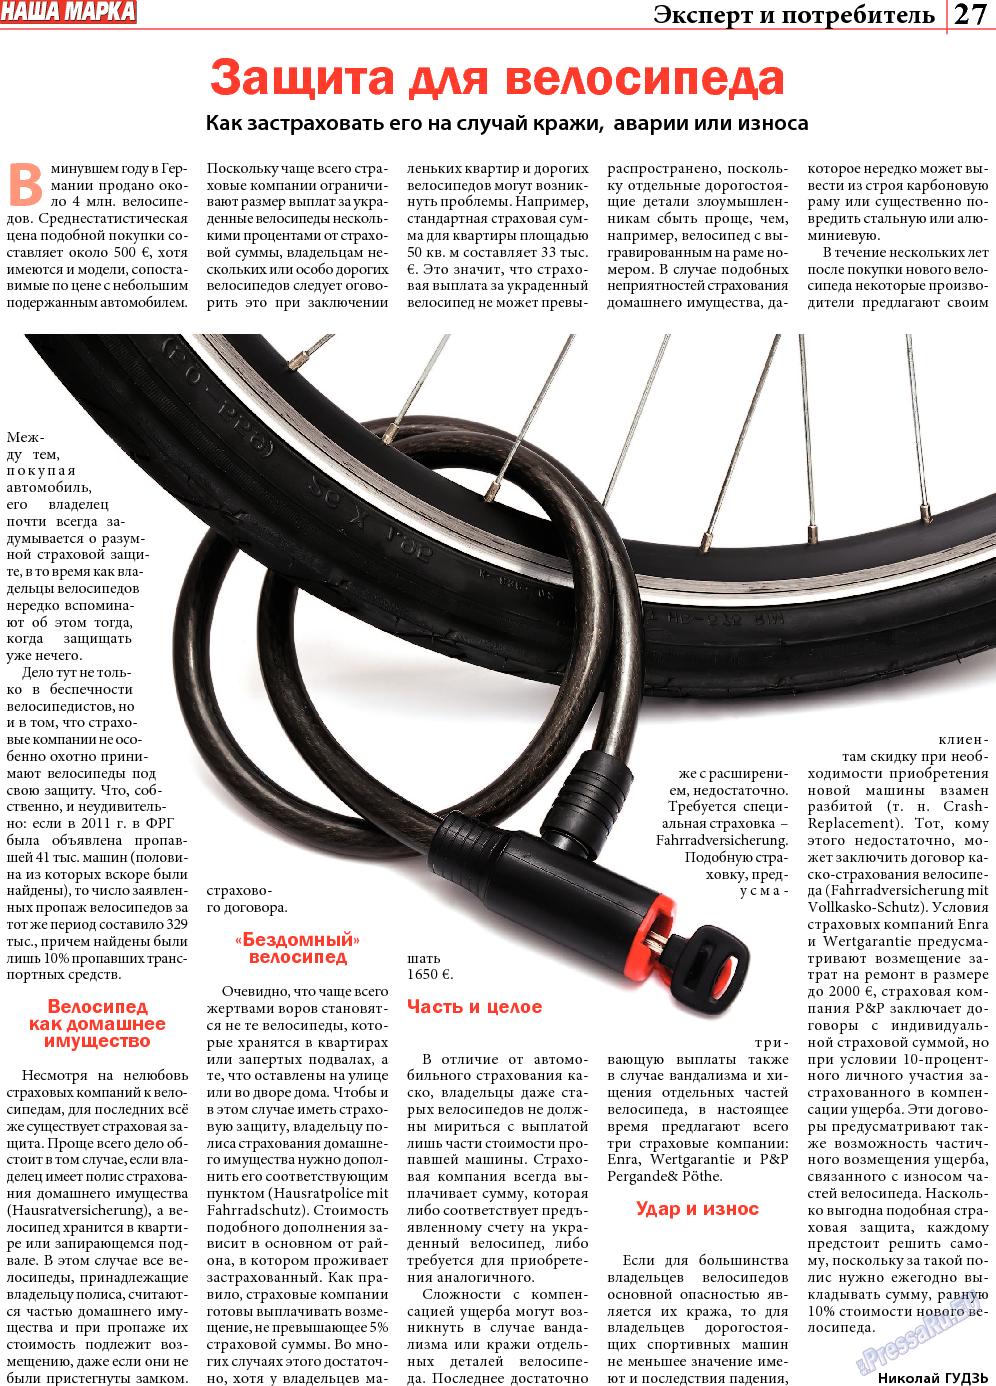 Наша марка (газета). 2013 год, номер 5, стр. 27